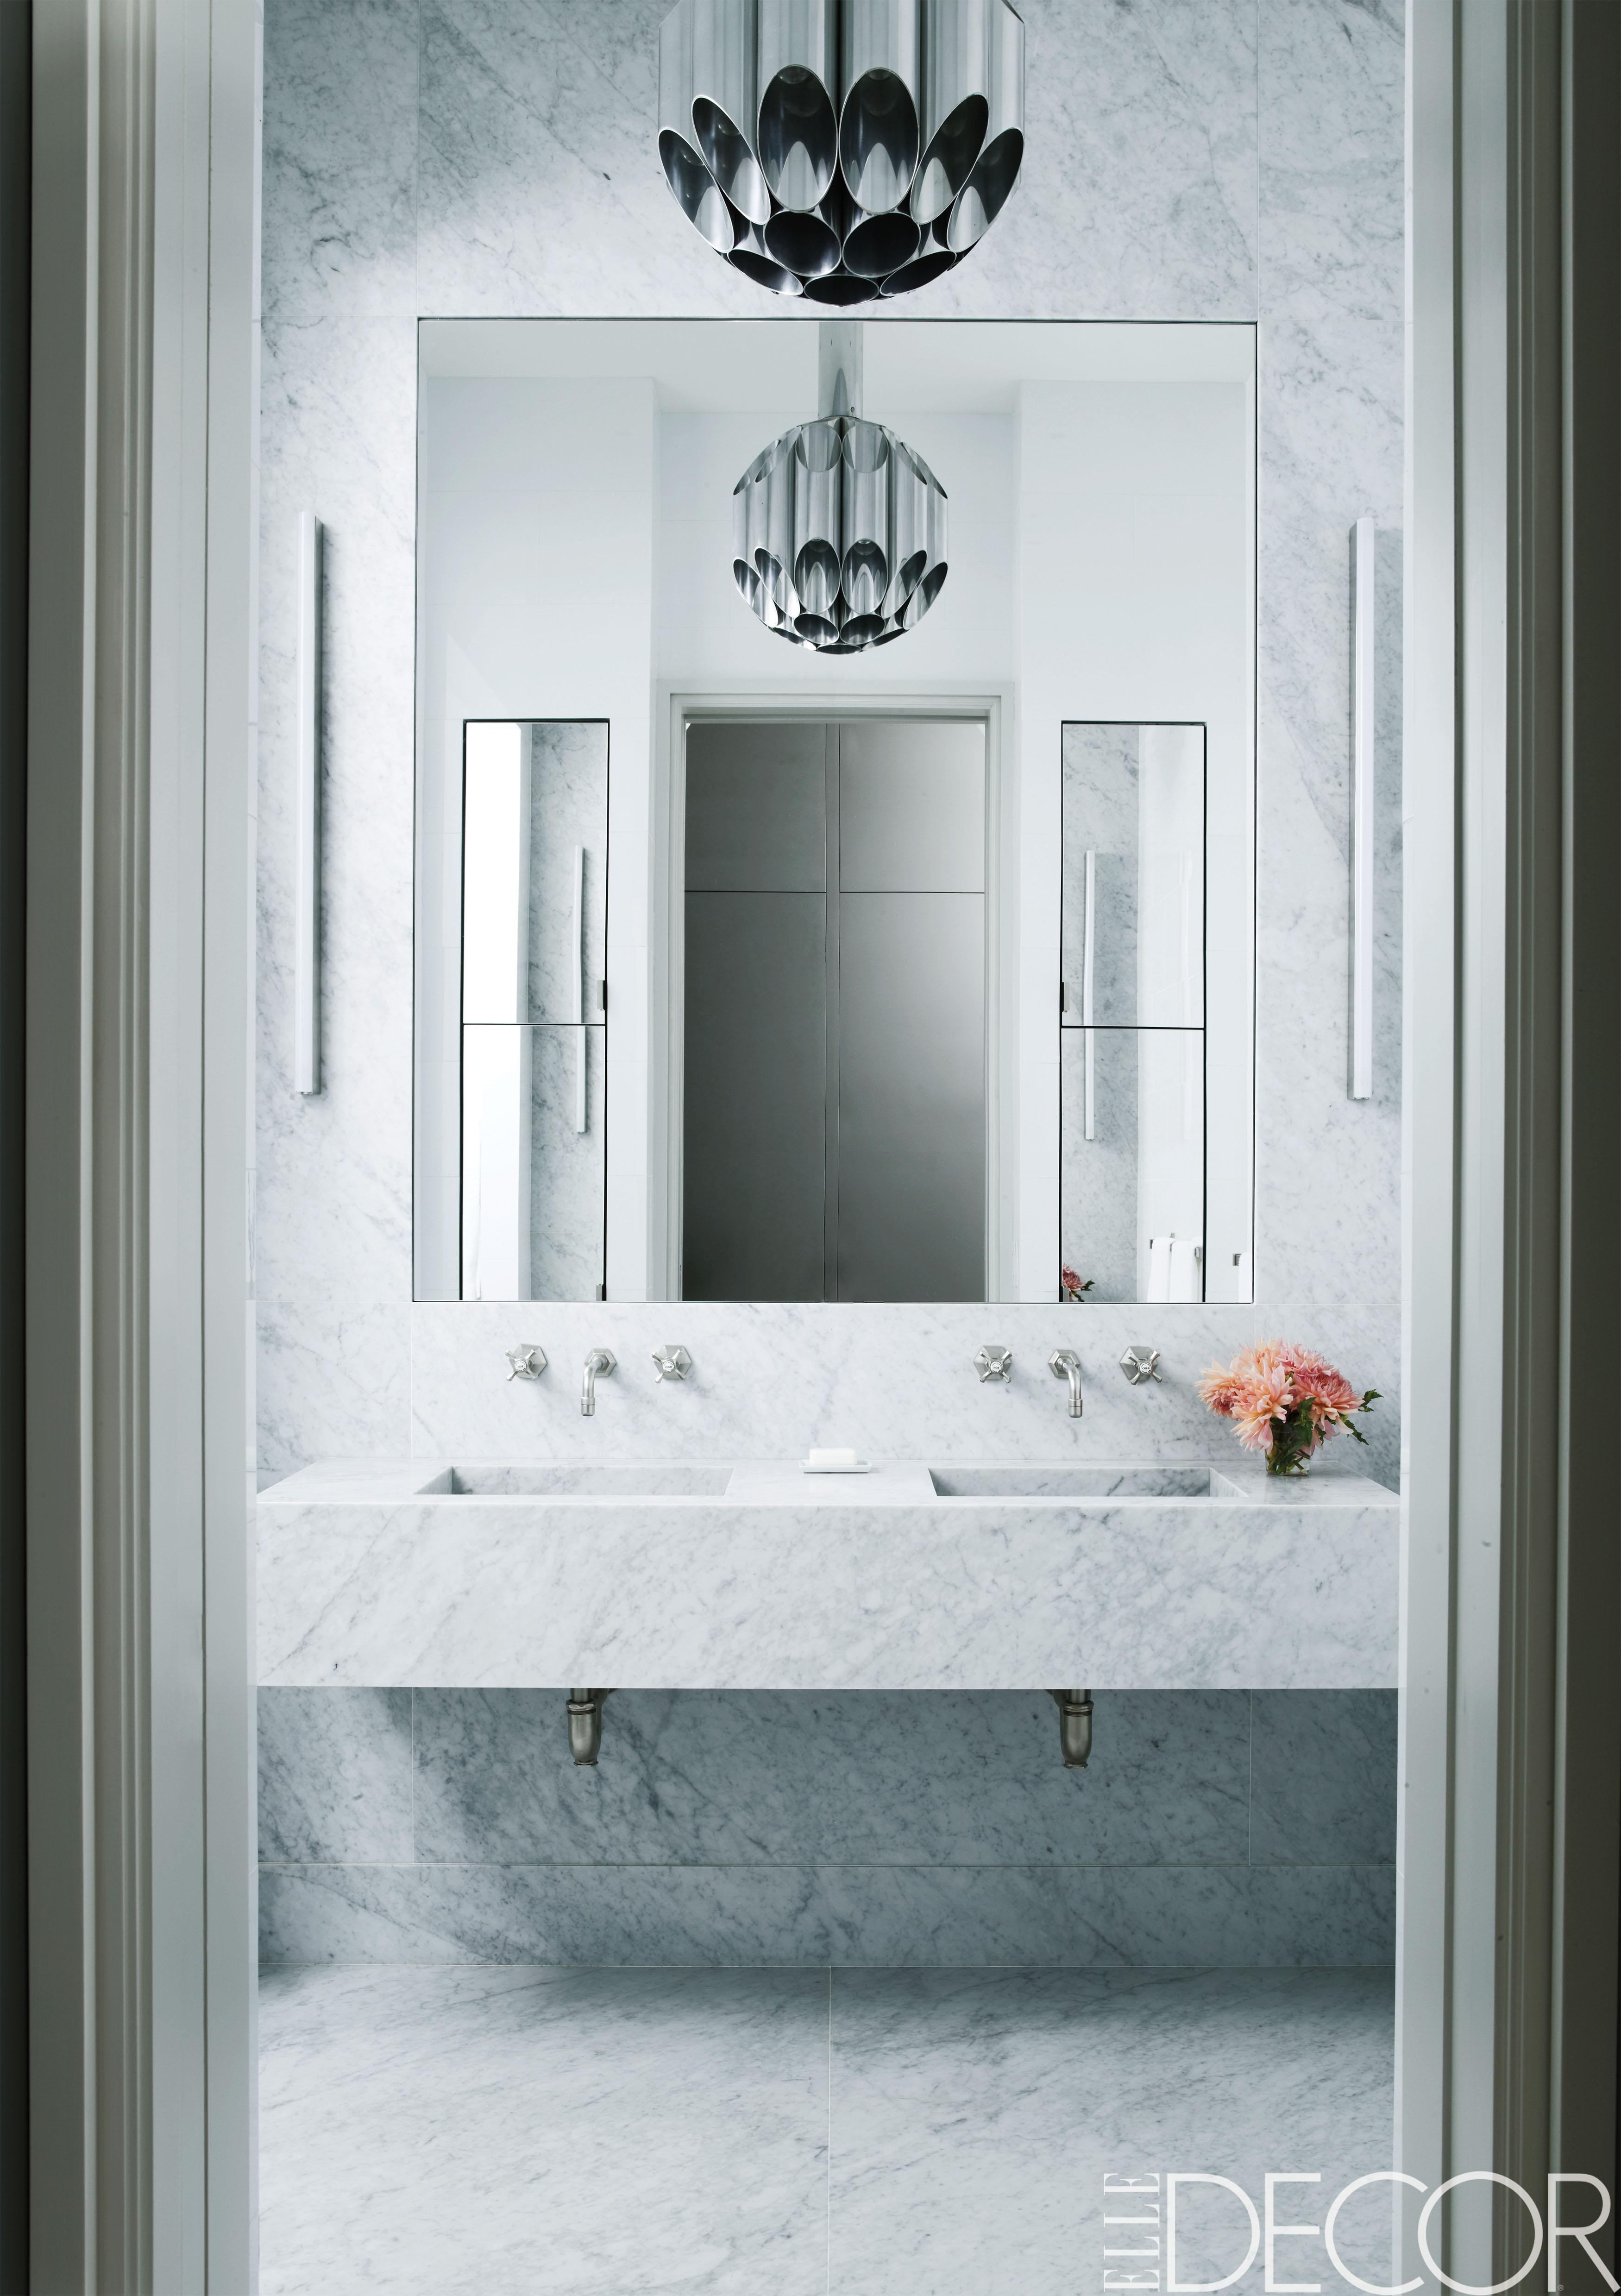 Interior Design Bathroom Mirrors